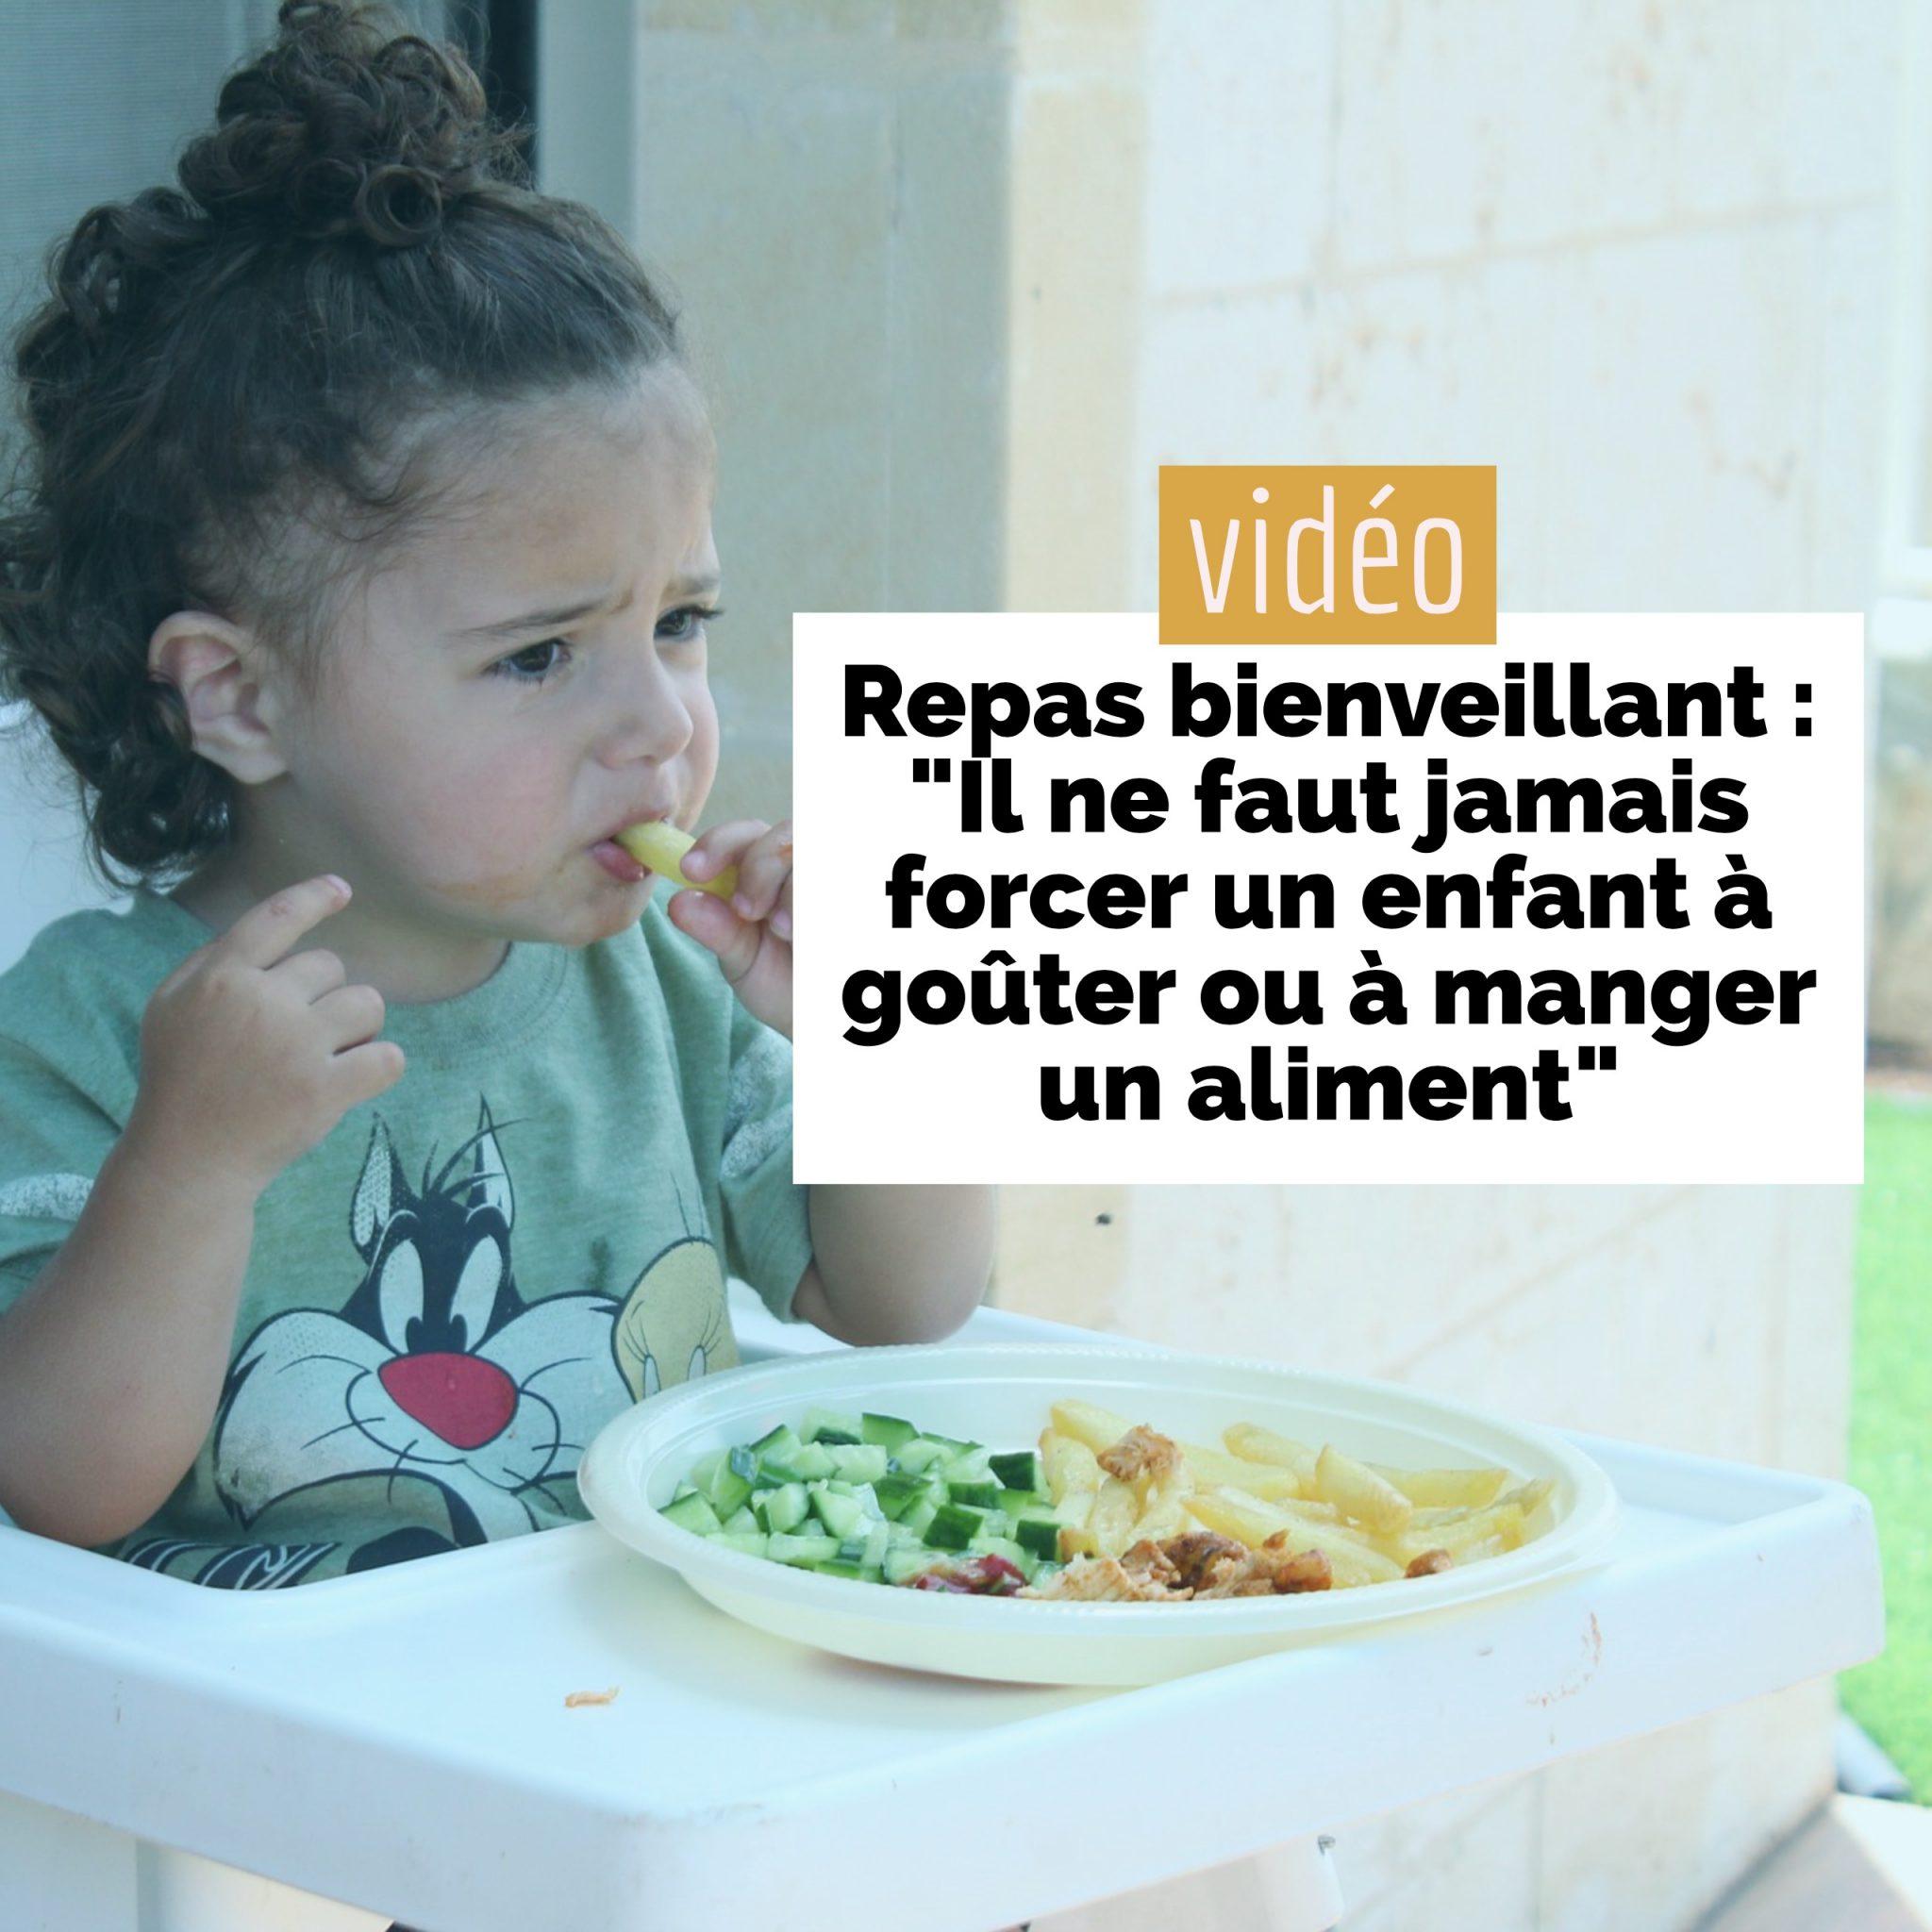 Repas bienveillant ne for ons pas un enfant manger ou go ter un aliment cultivons l - Faut il tailler un citronnier ...